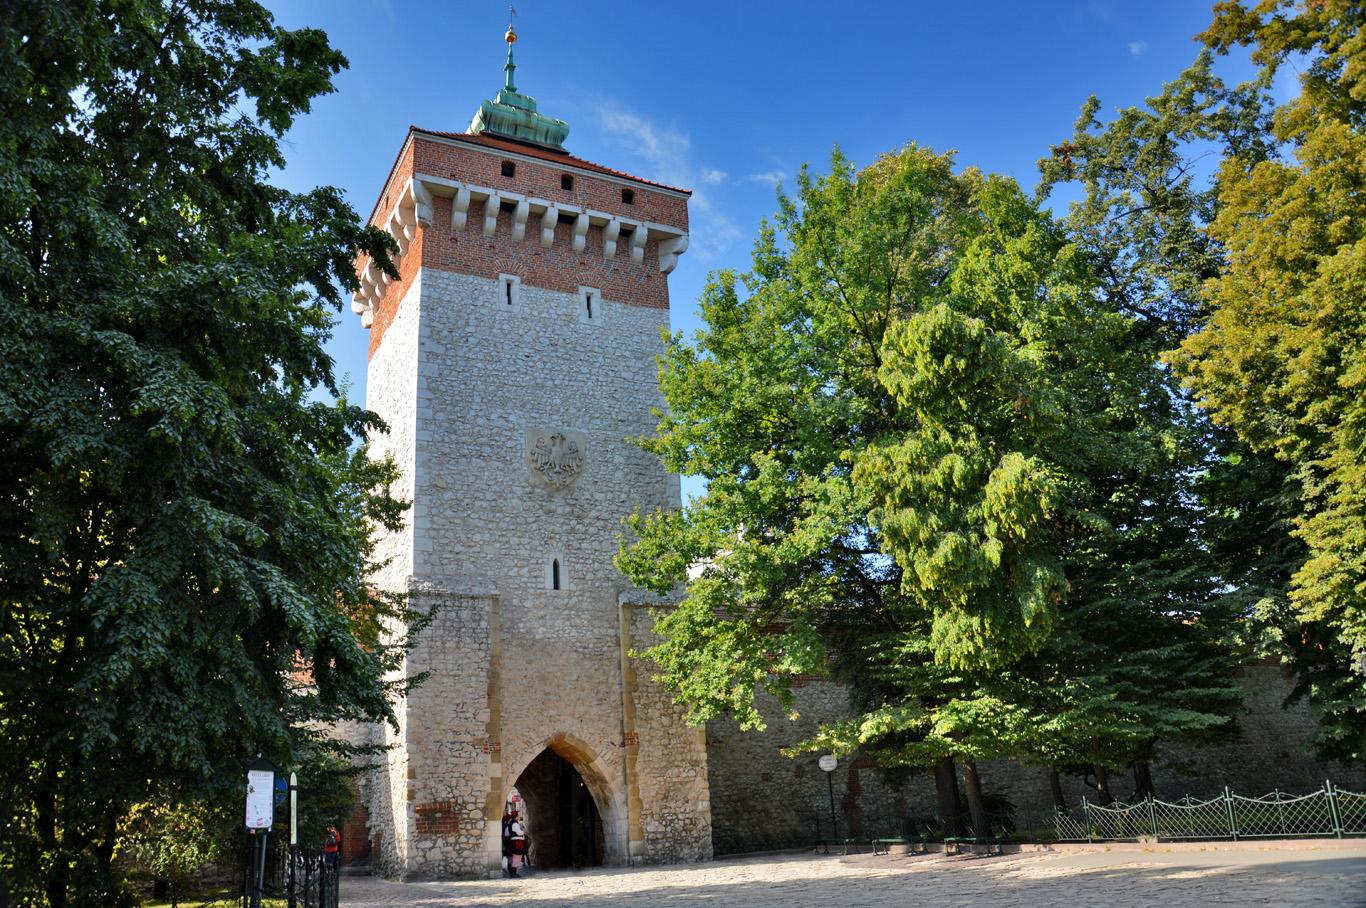 Floriańska (St. Florian's) Gate